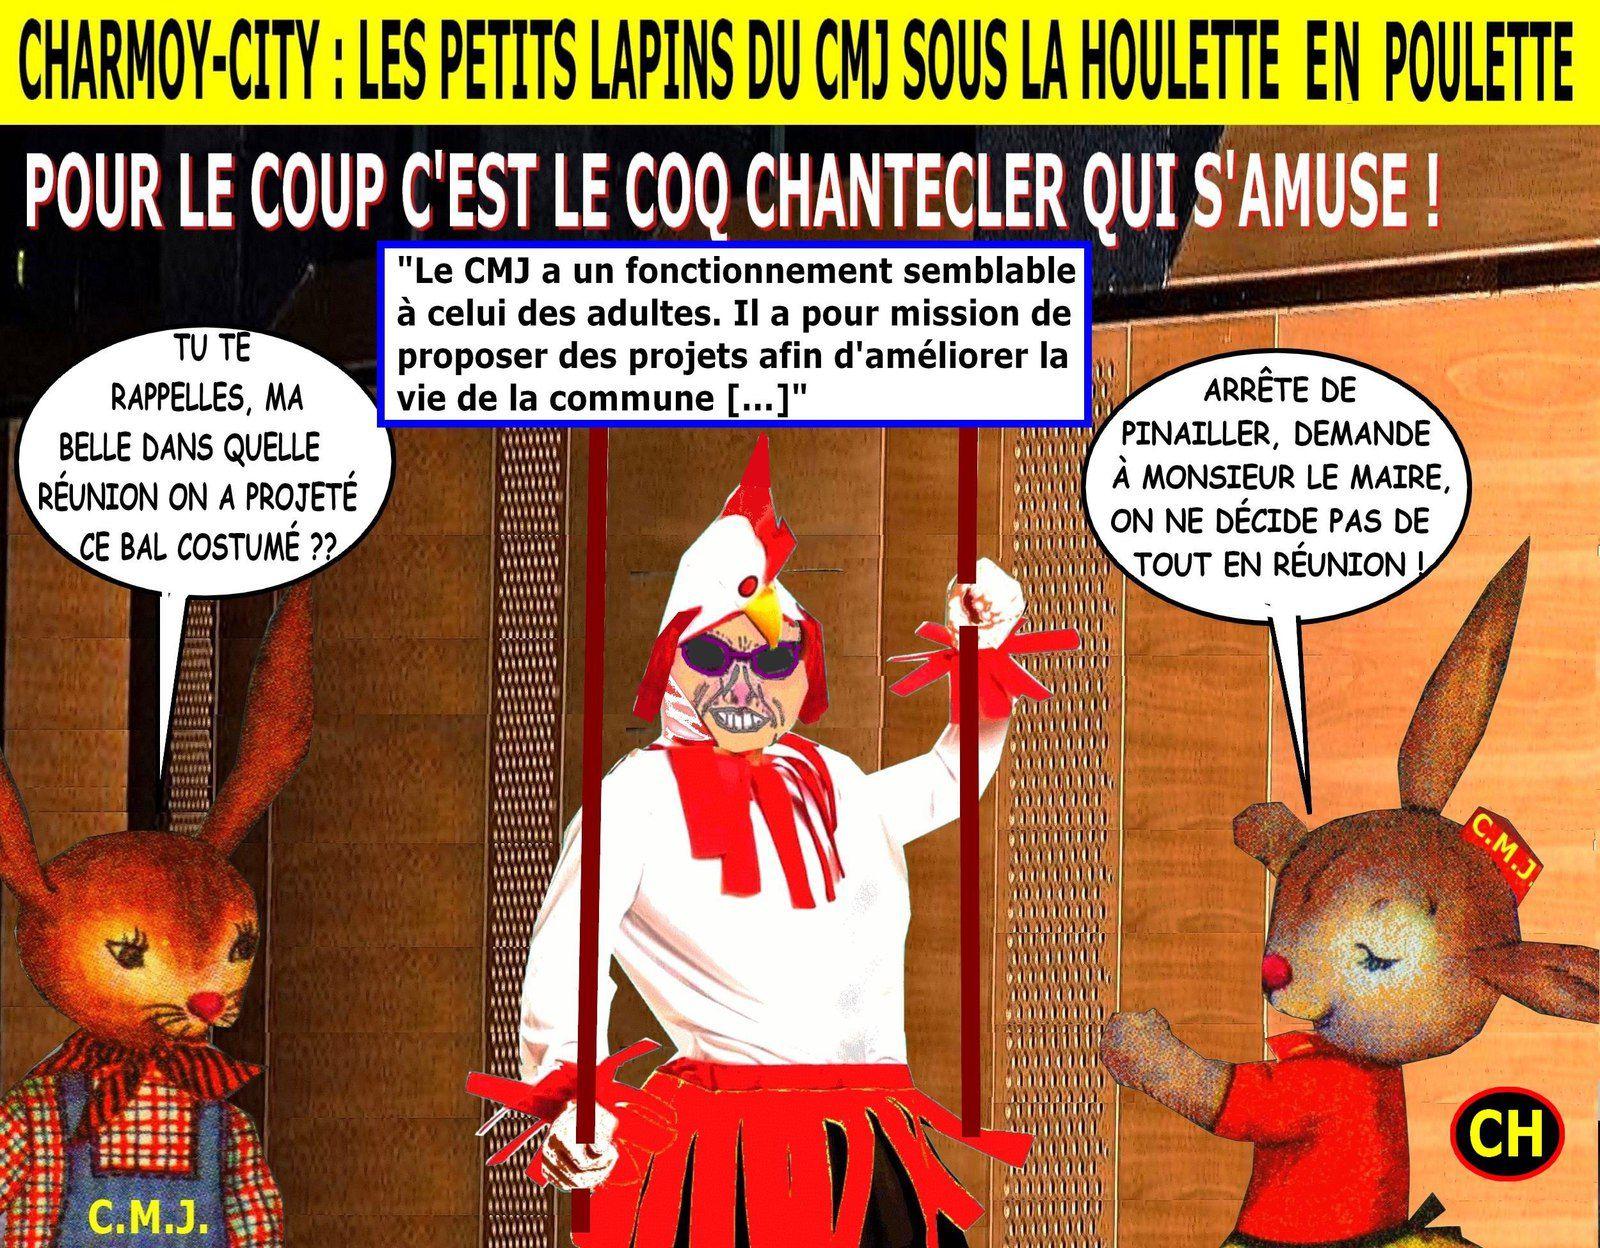 Charmoy-City, les petits lapins CMJ, sous la Houlette en poulette.jpg